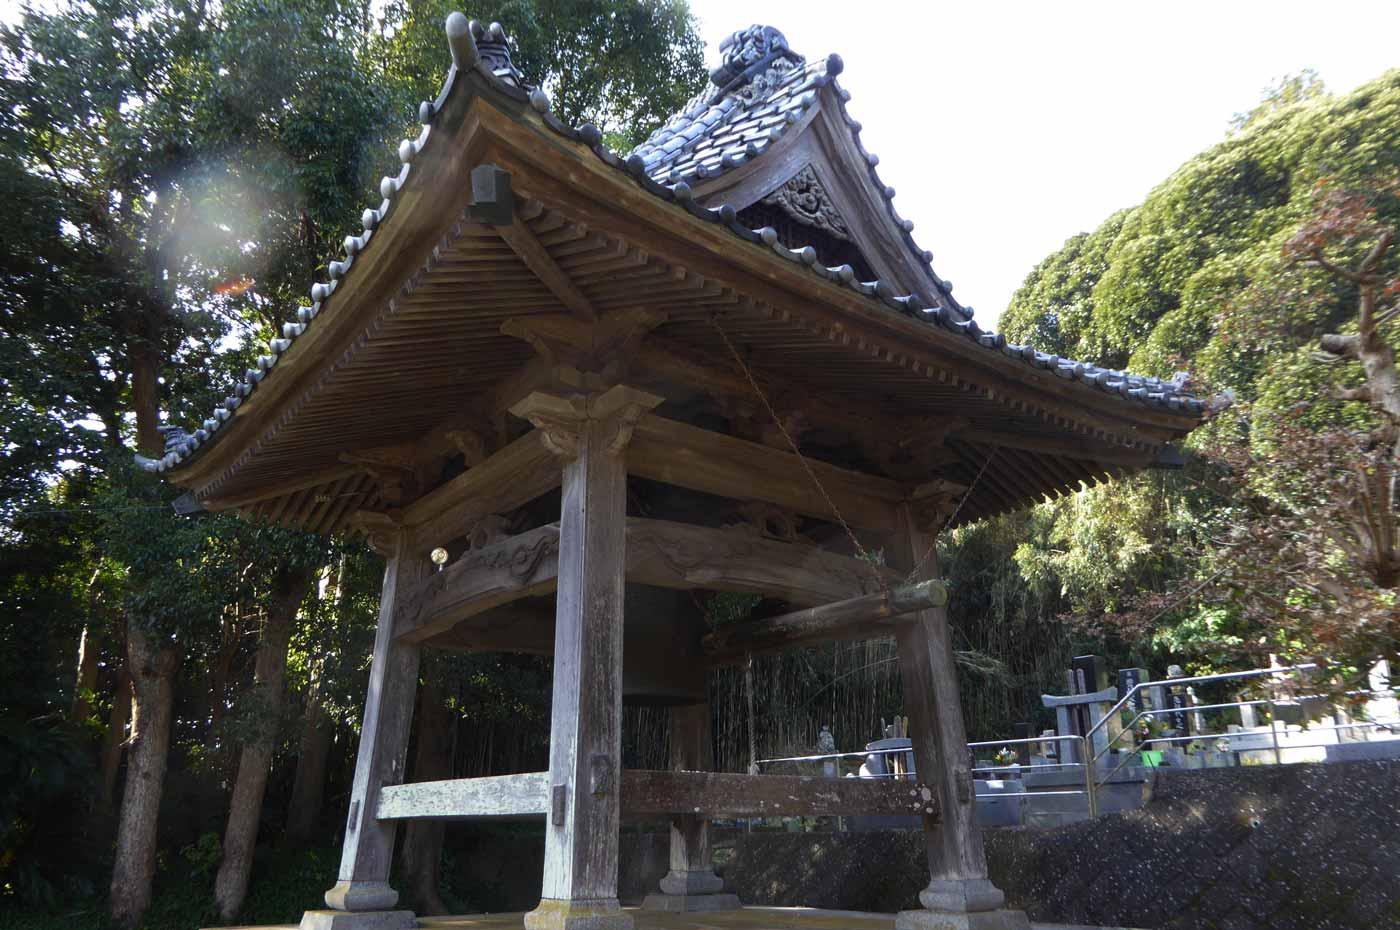 紫雲寺の梵鐘の画像